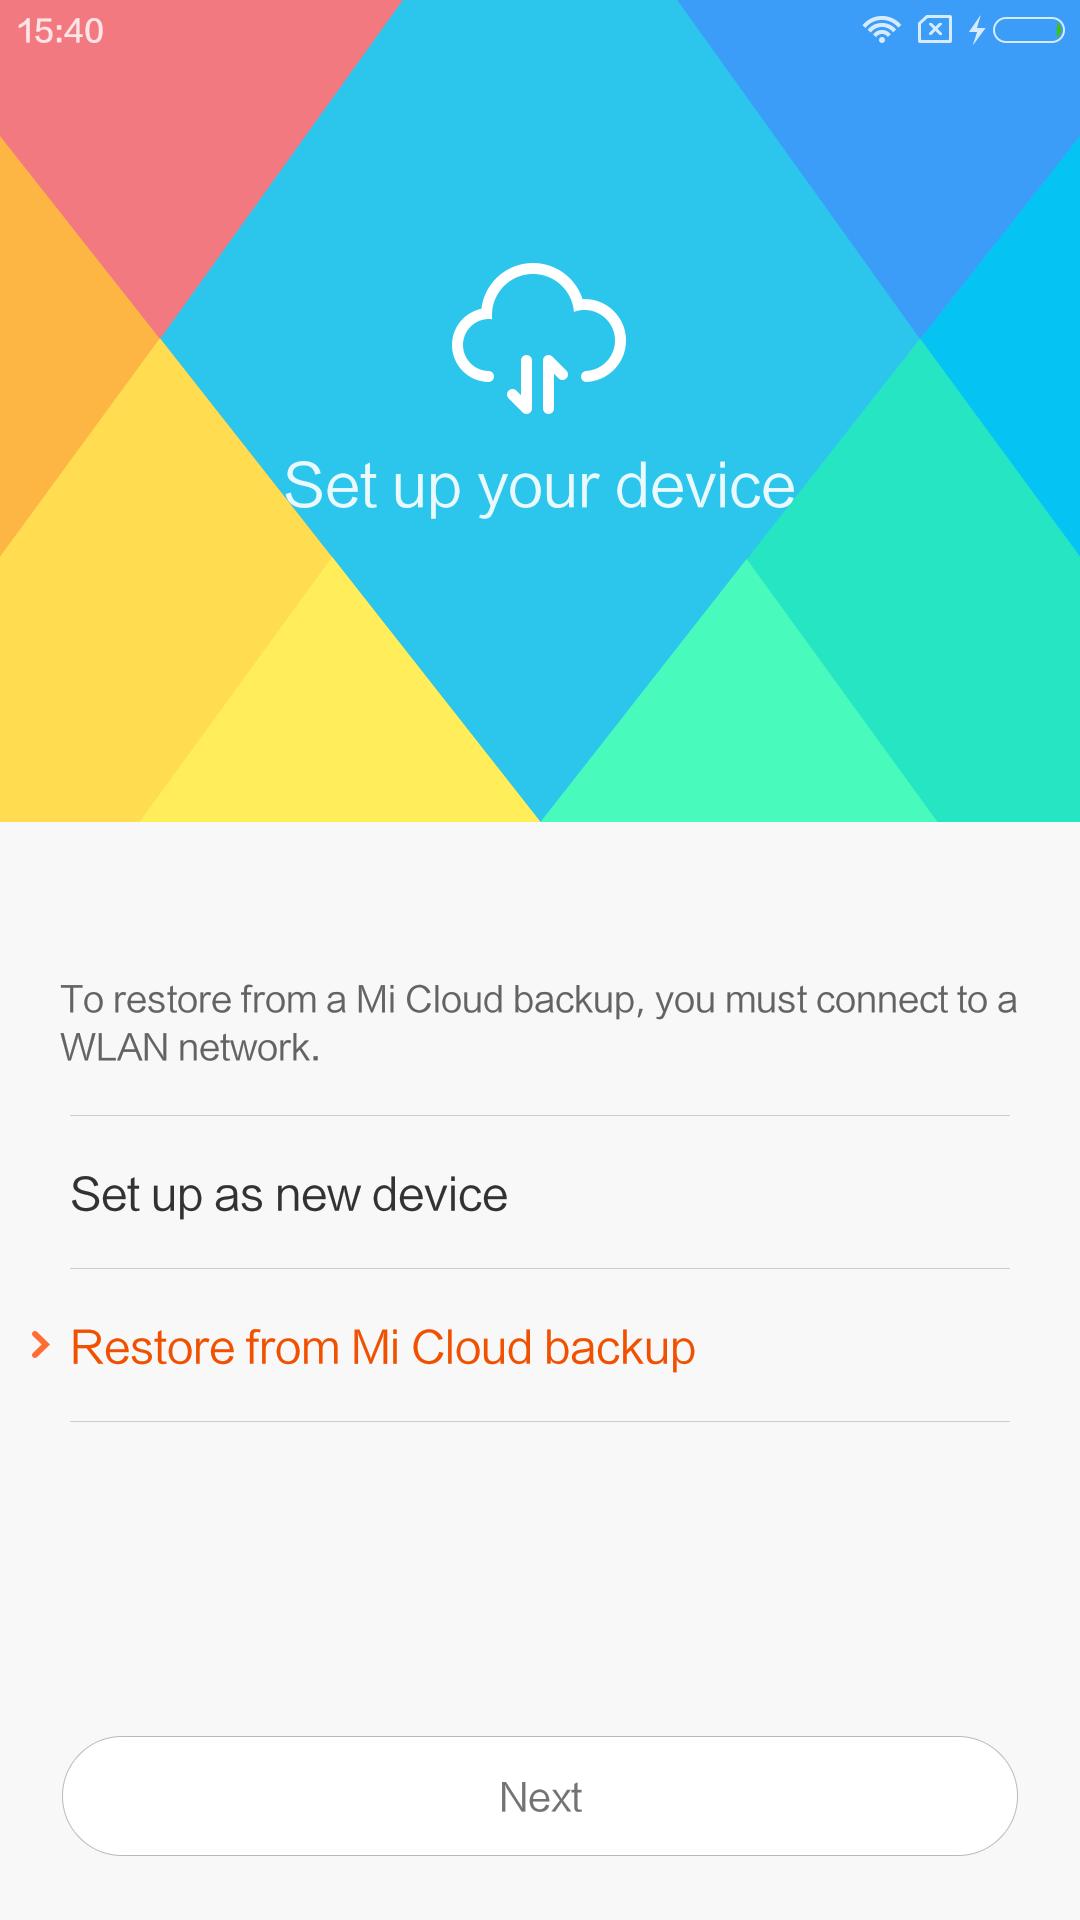 ここでRestero選択してしまったので、Mi5のアプリが全部流れてきた